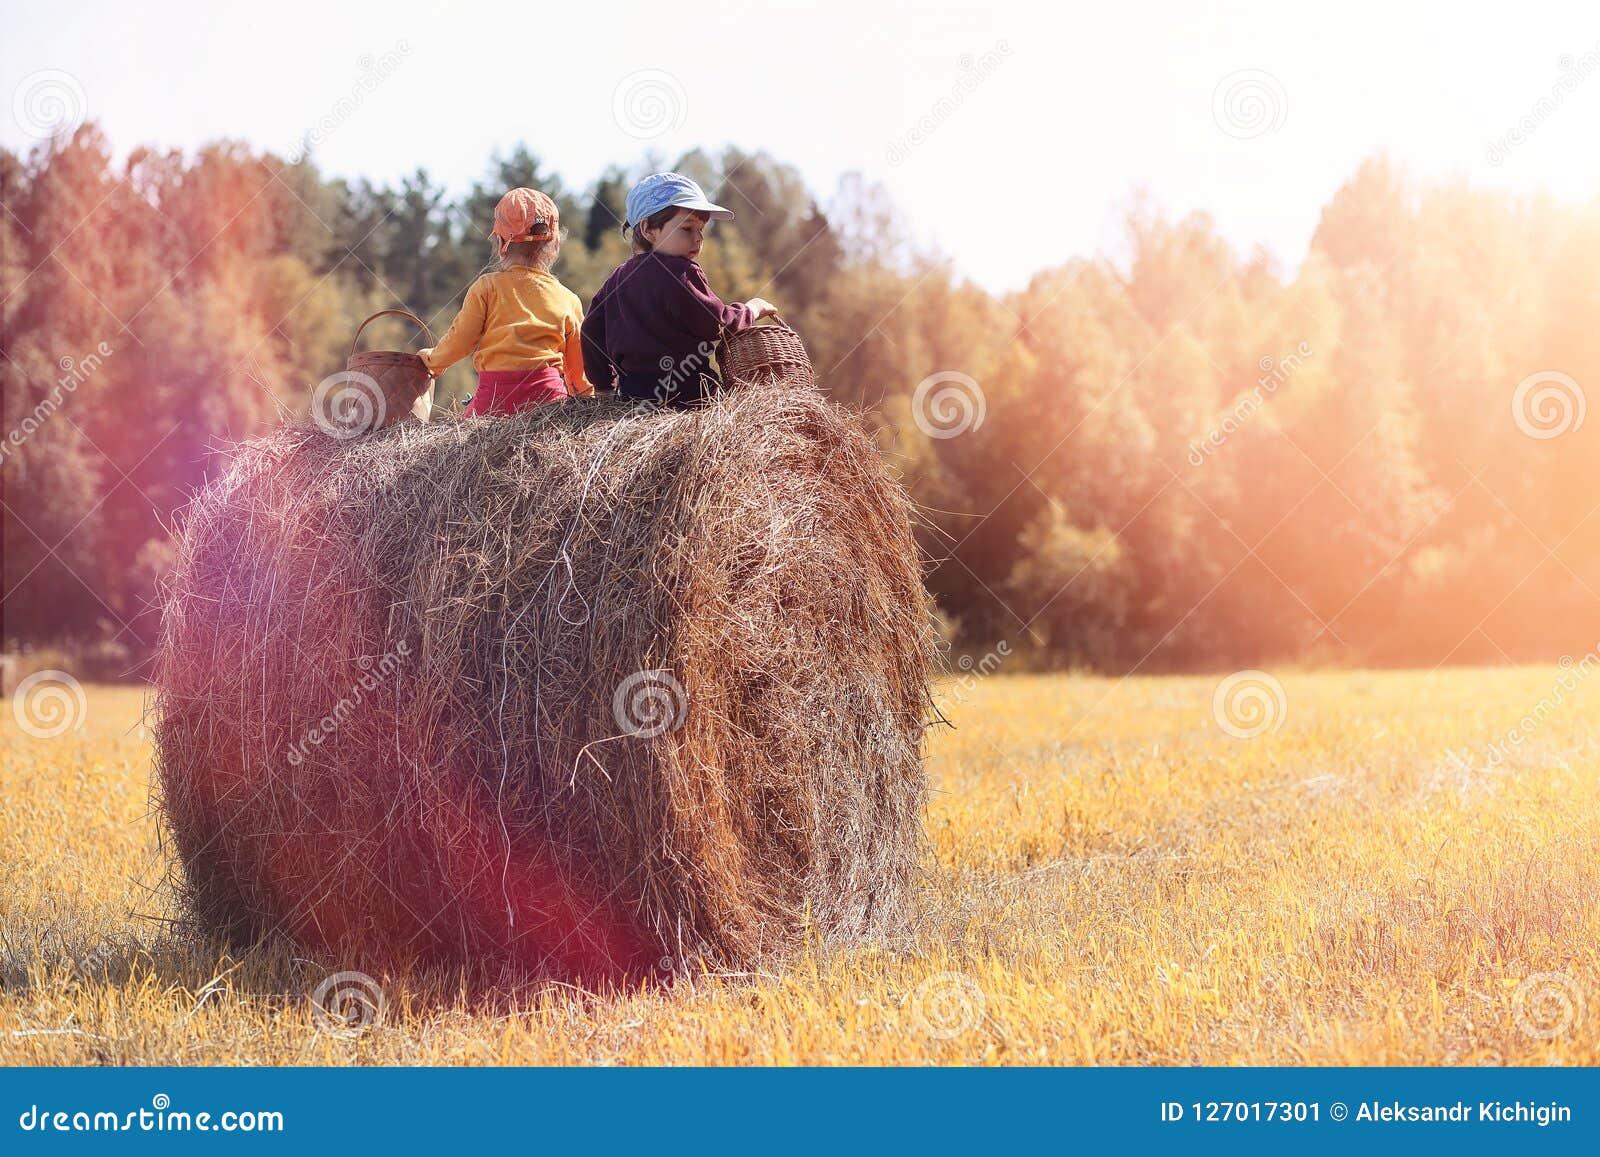 Children in the village walk through the autumn forest and gathe